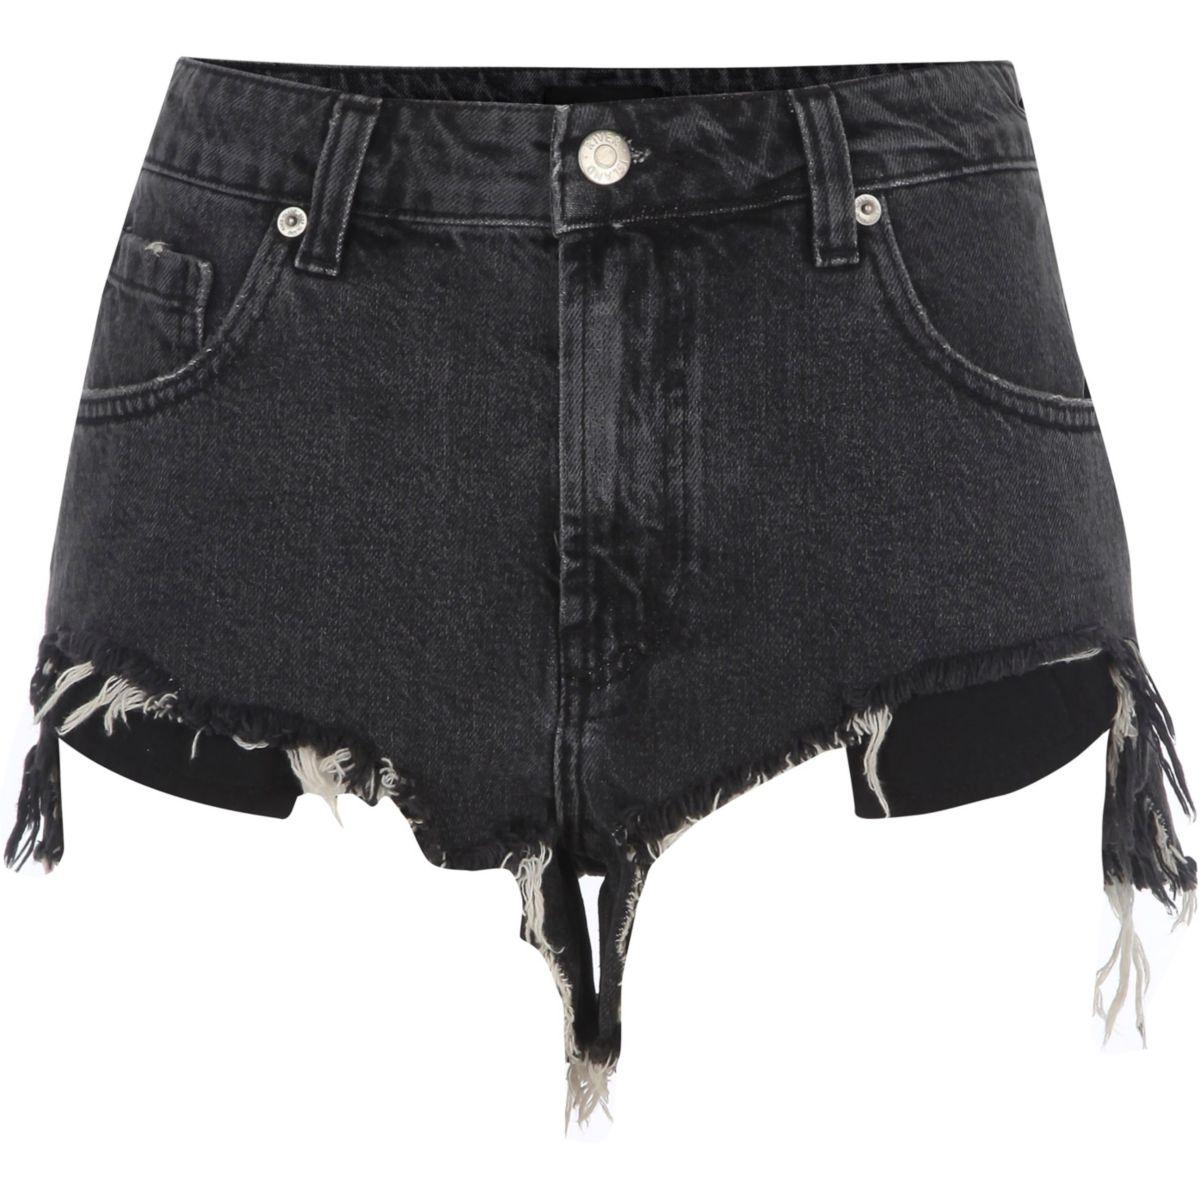 Black ripped hem denim shorts